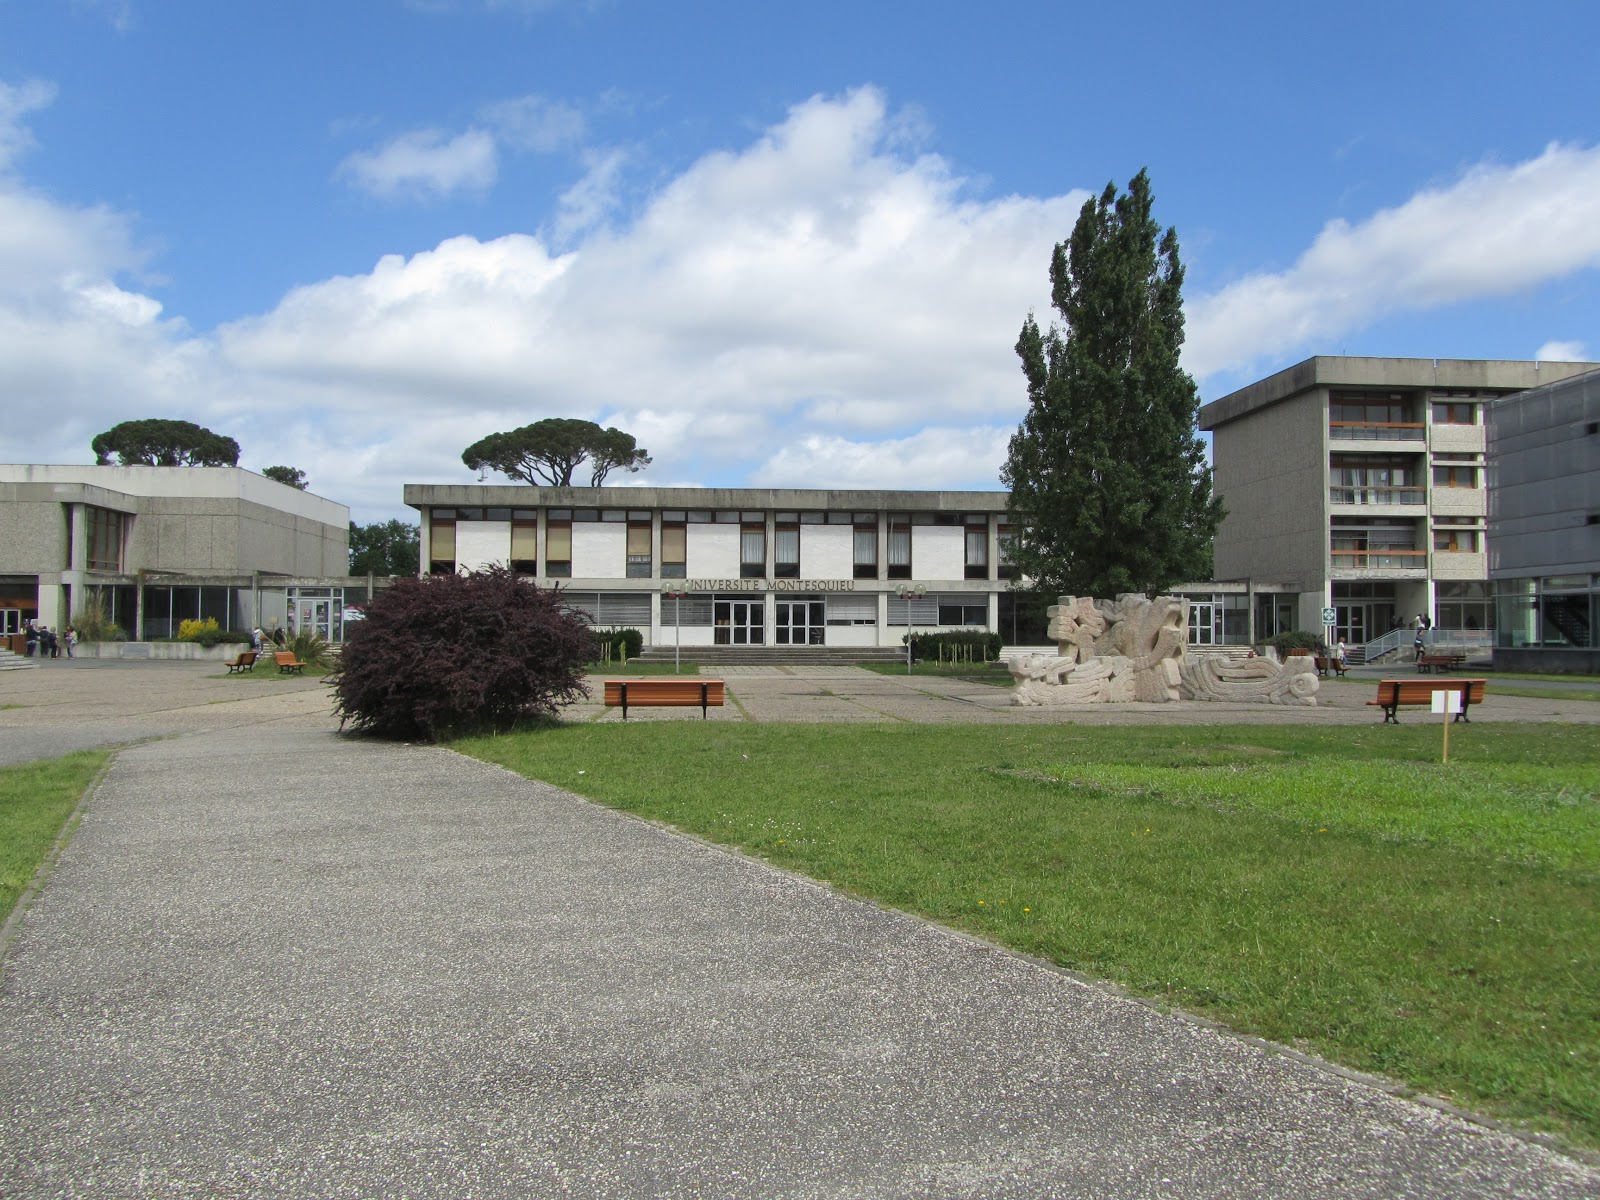 怎么去读法国的高中?需要具备哪些条件?